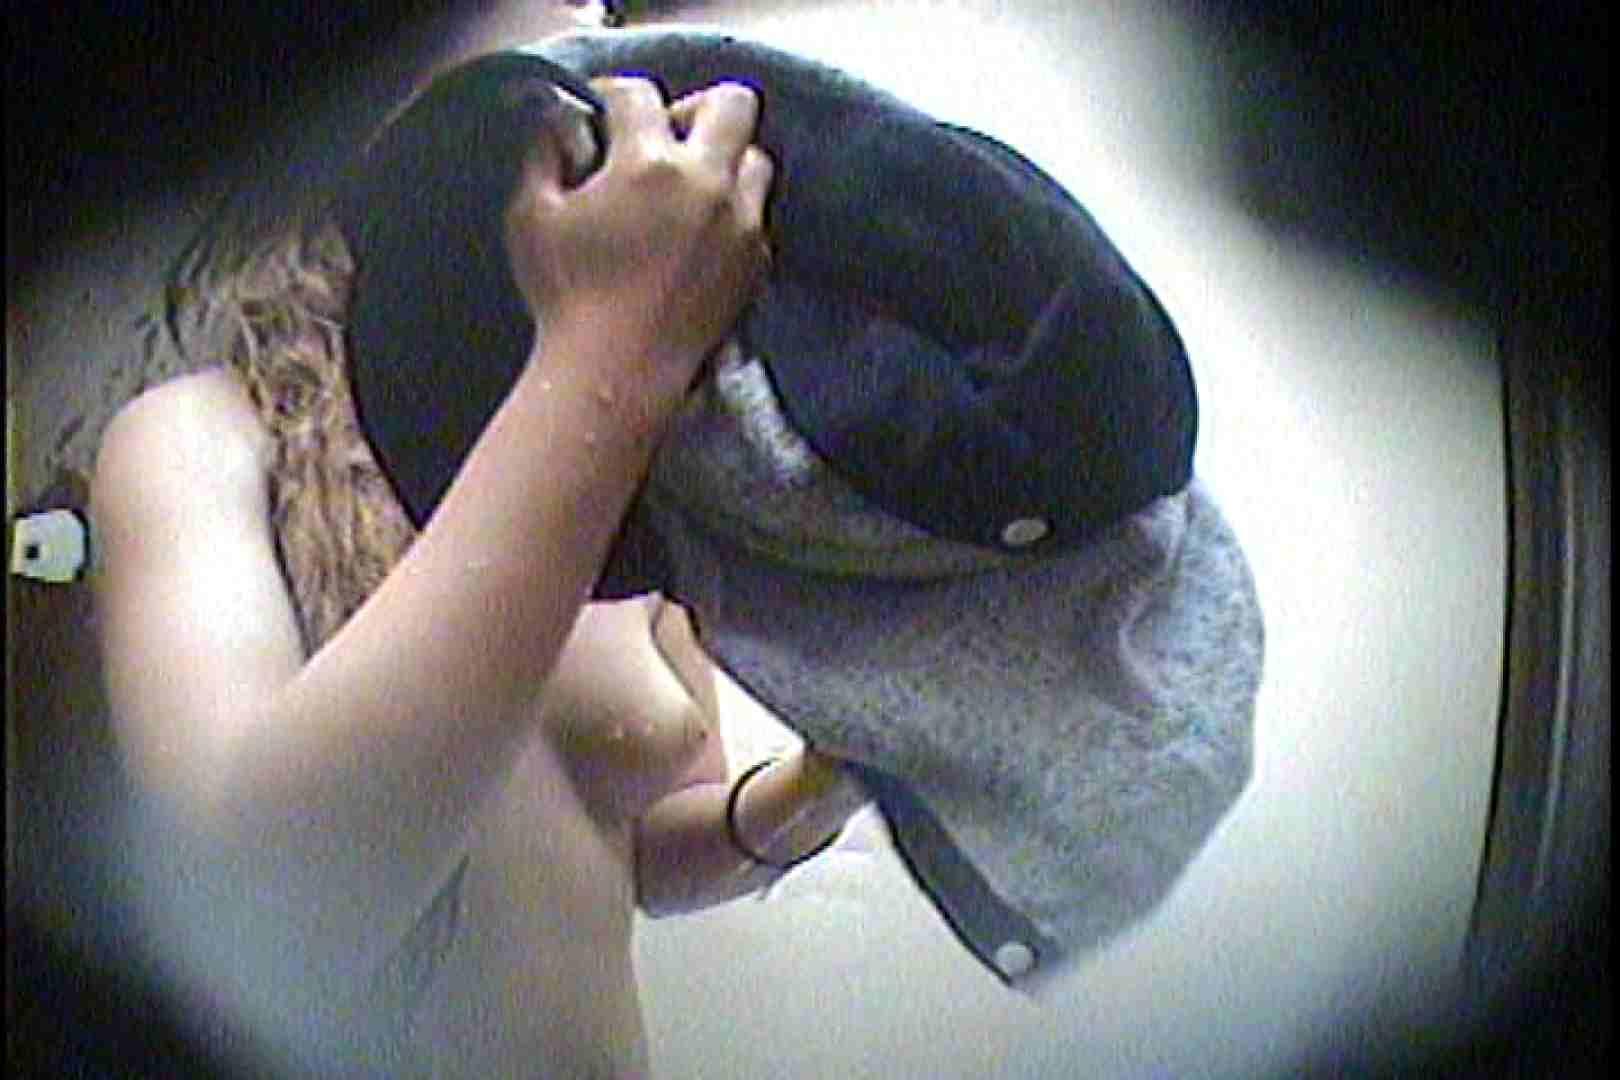 海の家の更衣室 Vol.21 美女達のヌード   シャワー中  89連発 59